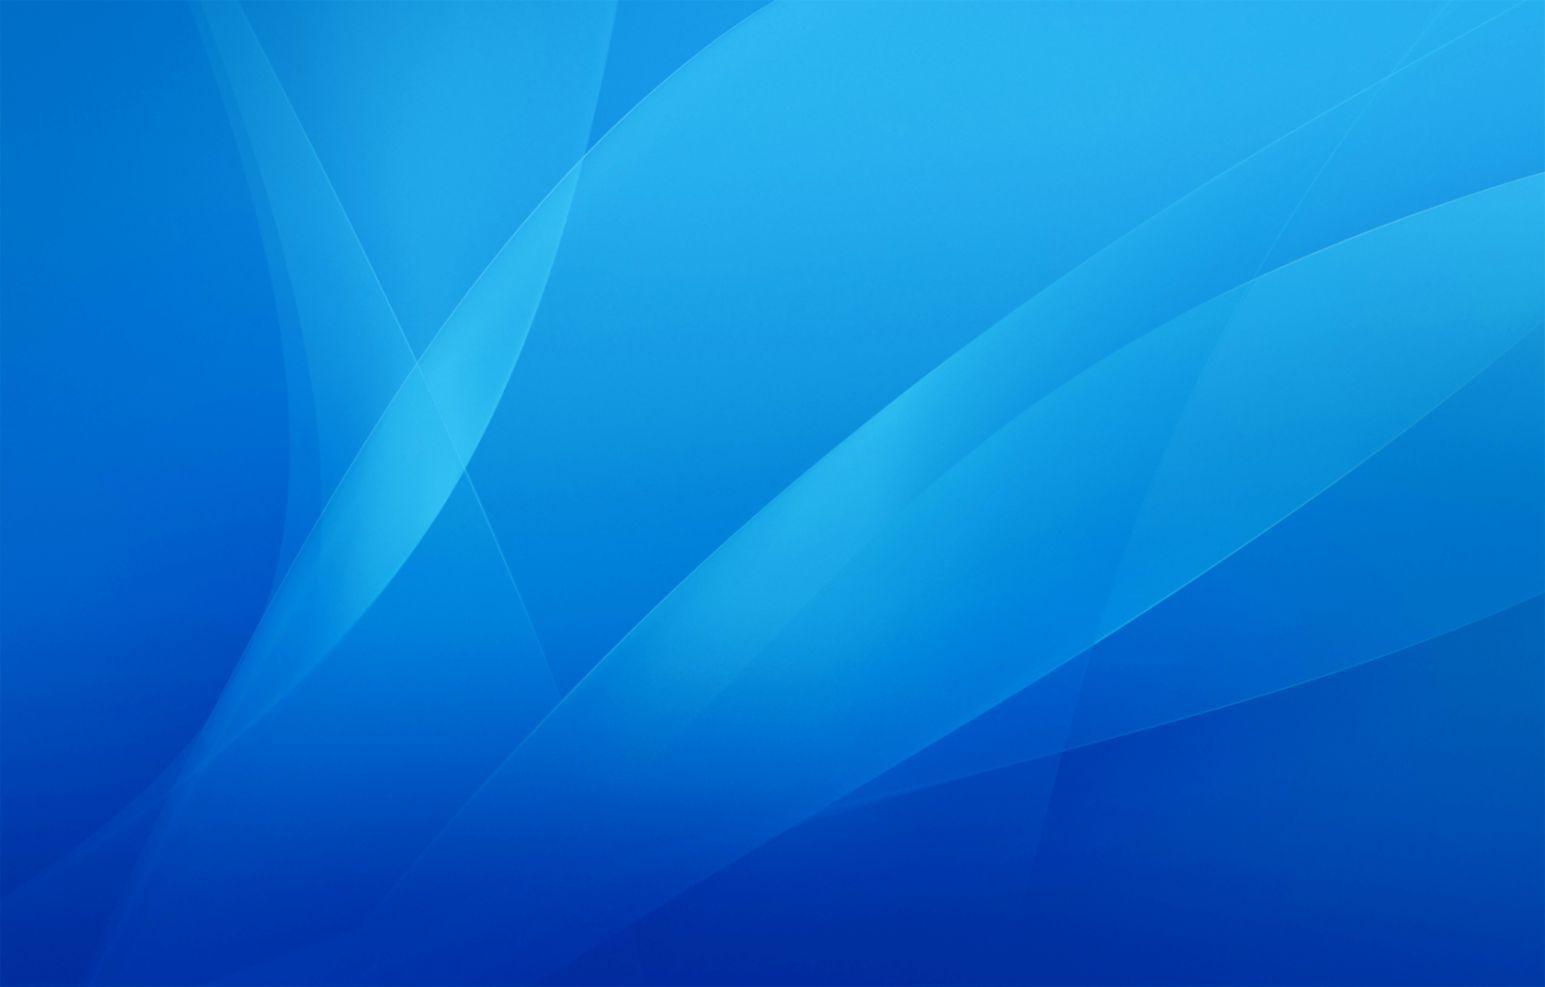 1545x987 Hình ảnh màu xanh nhạt trơn cho nền máy tính.  Tốt nhất